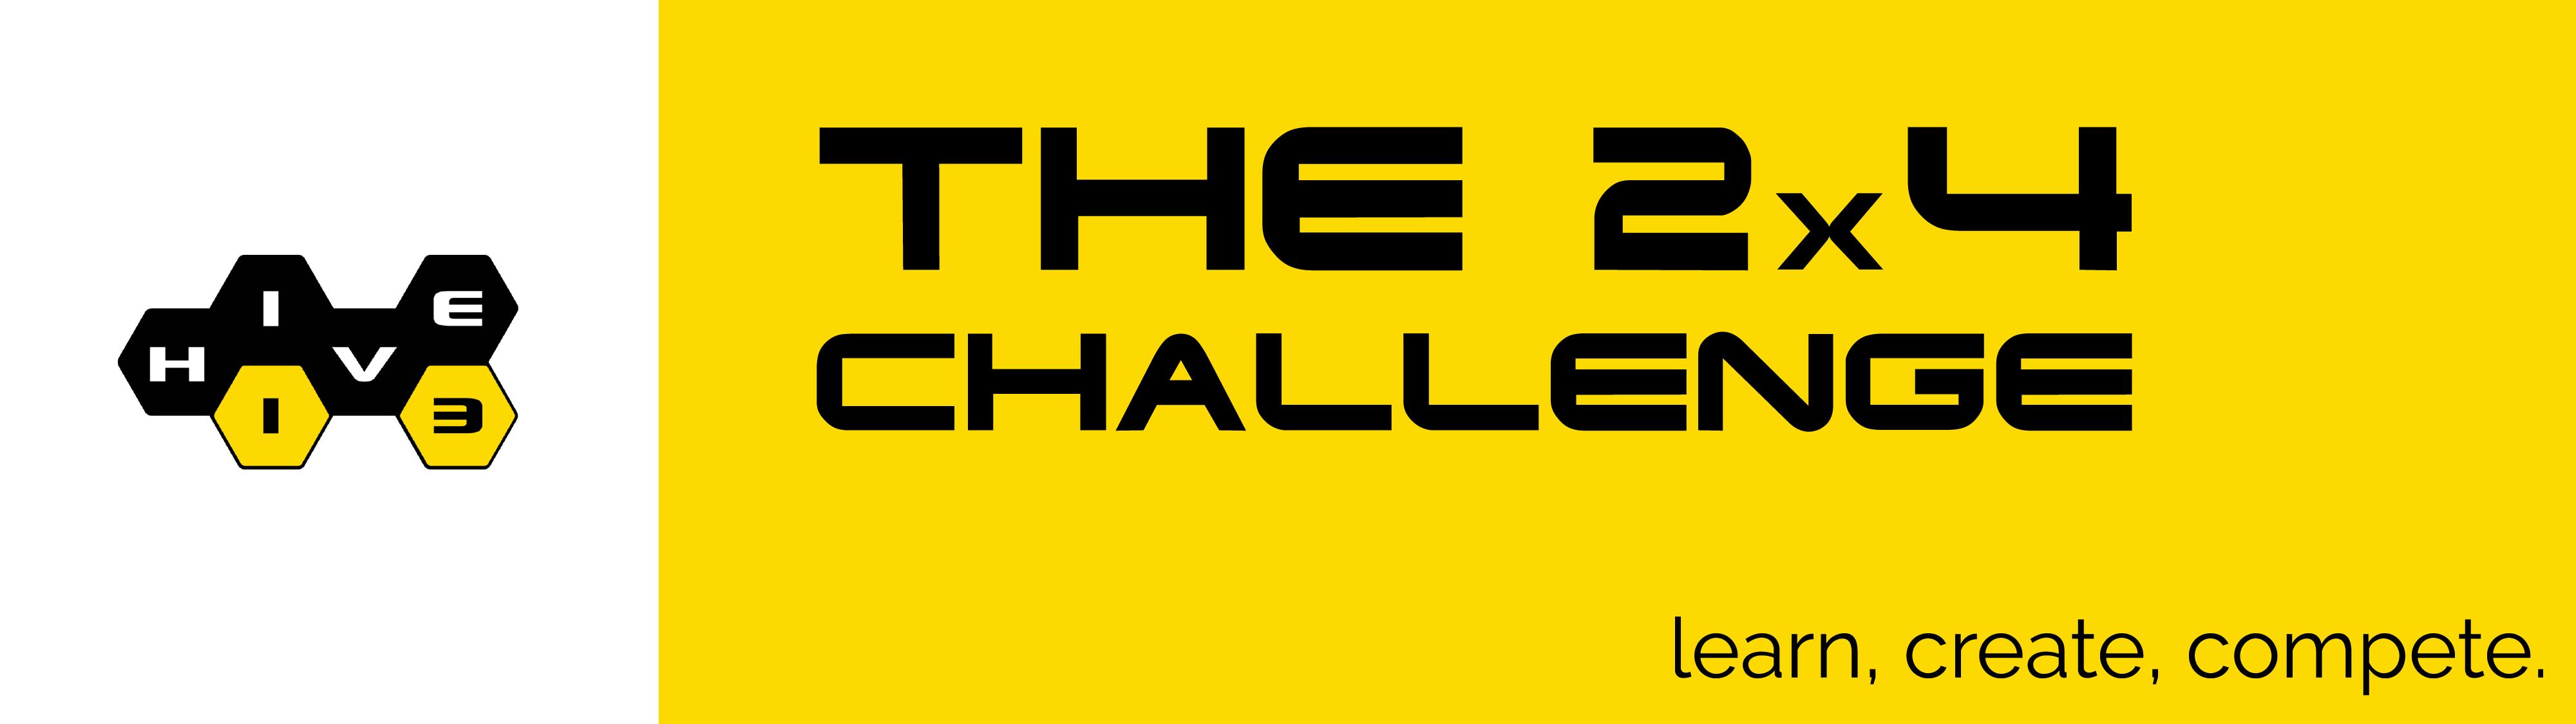 2x4-Basic-Banner-v2-01